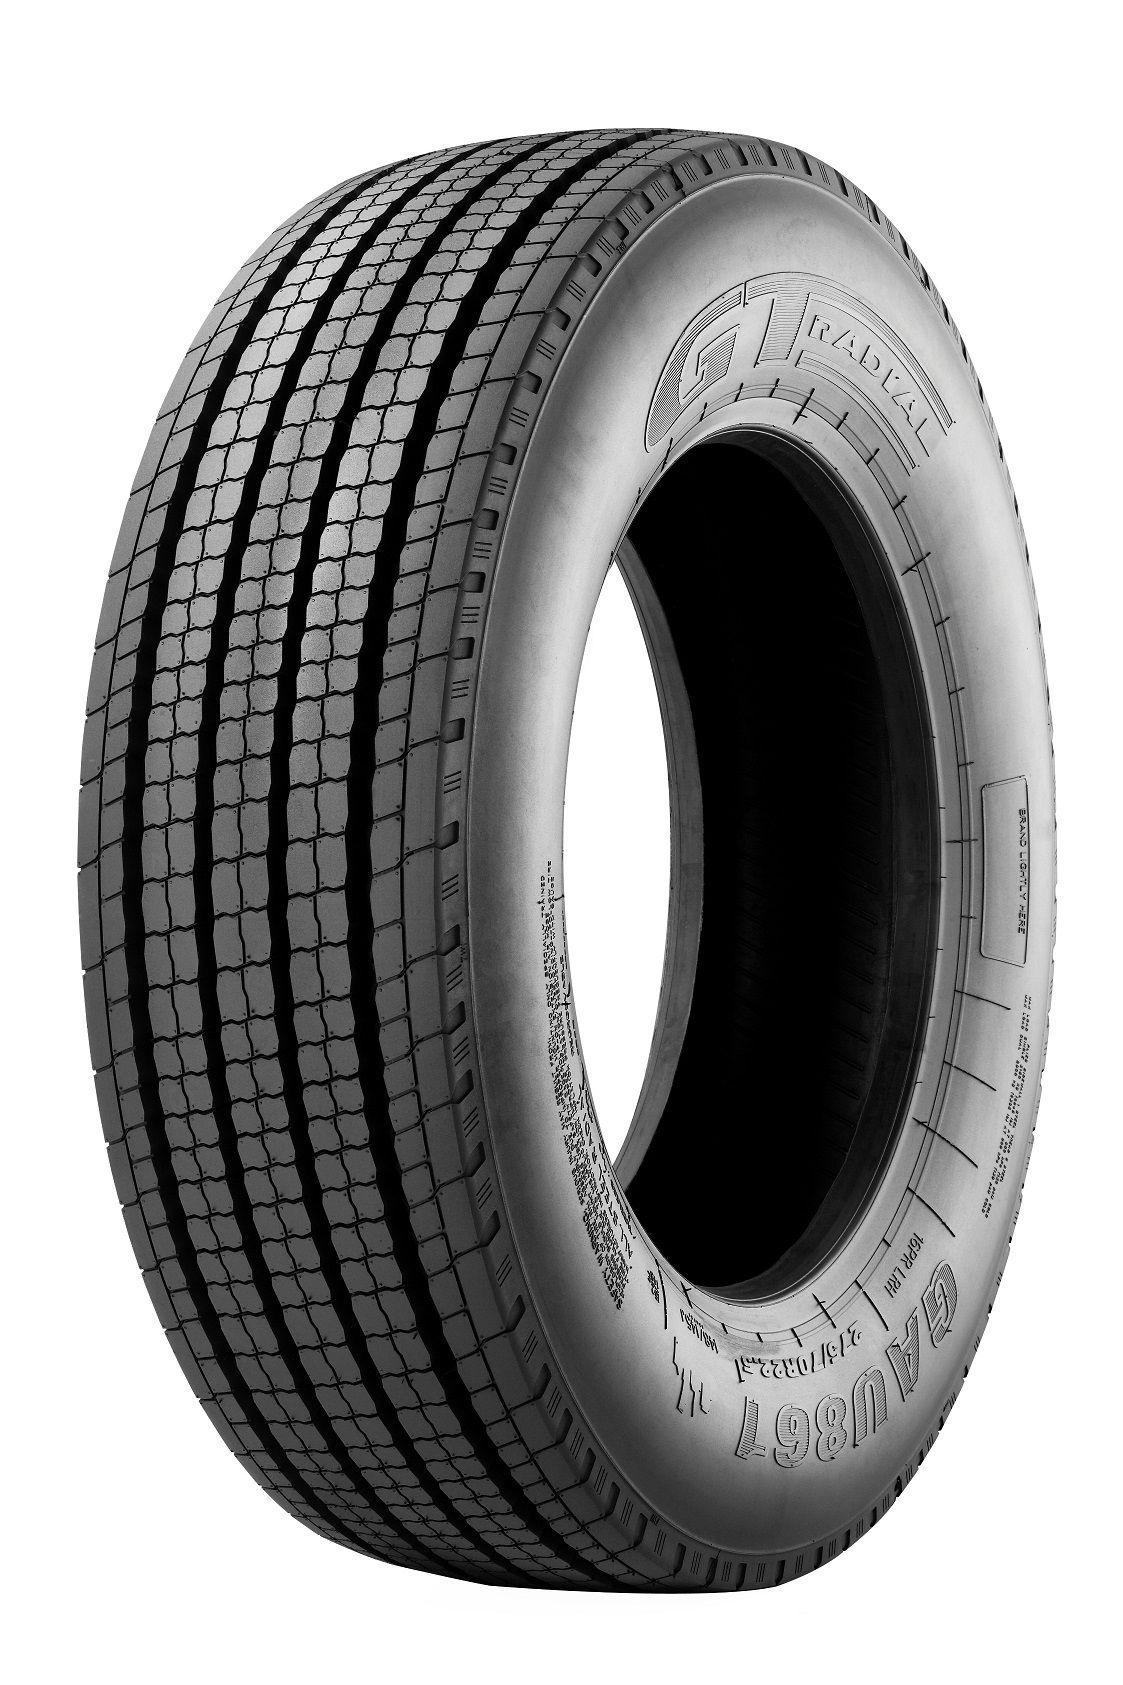 Gt Radial Tires >> El neumático GAU861 de GT Radial para autobús urbano certificado con el símbolo 'alpino' - Notas ...